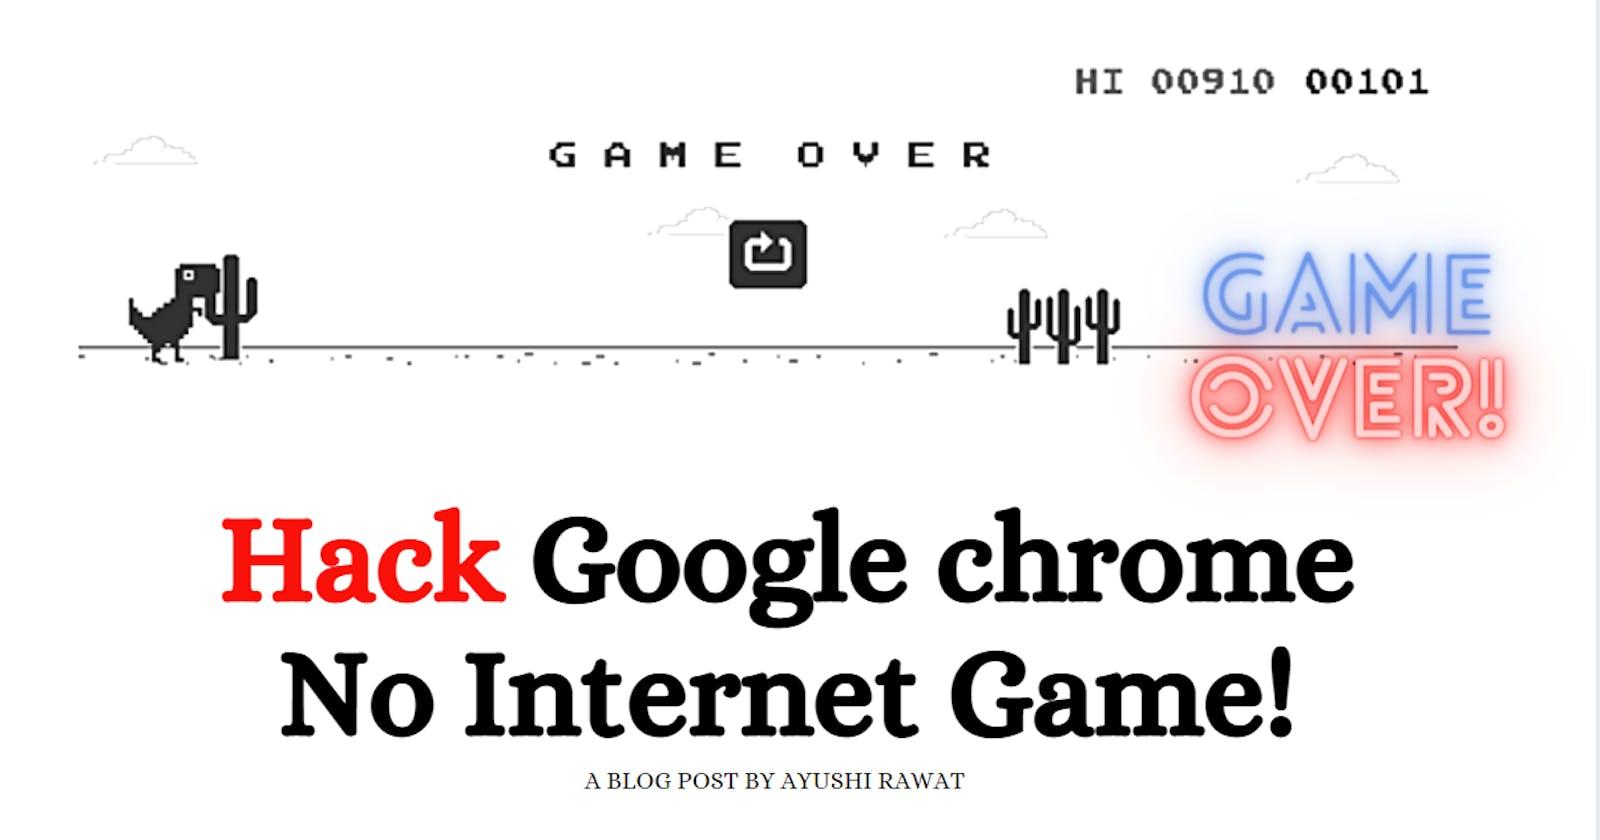 Hack Google chrome No Internet Dino Game!